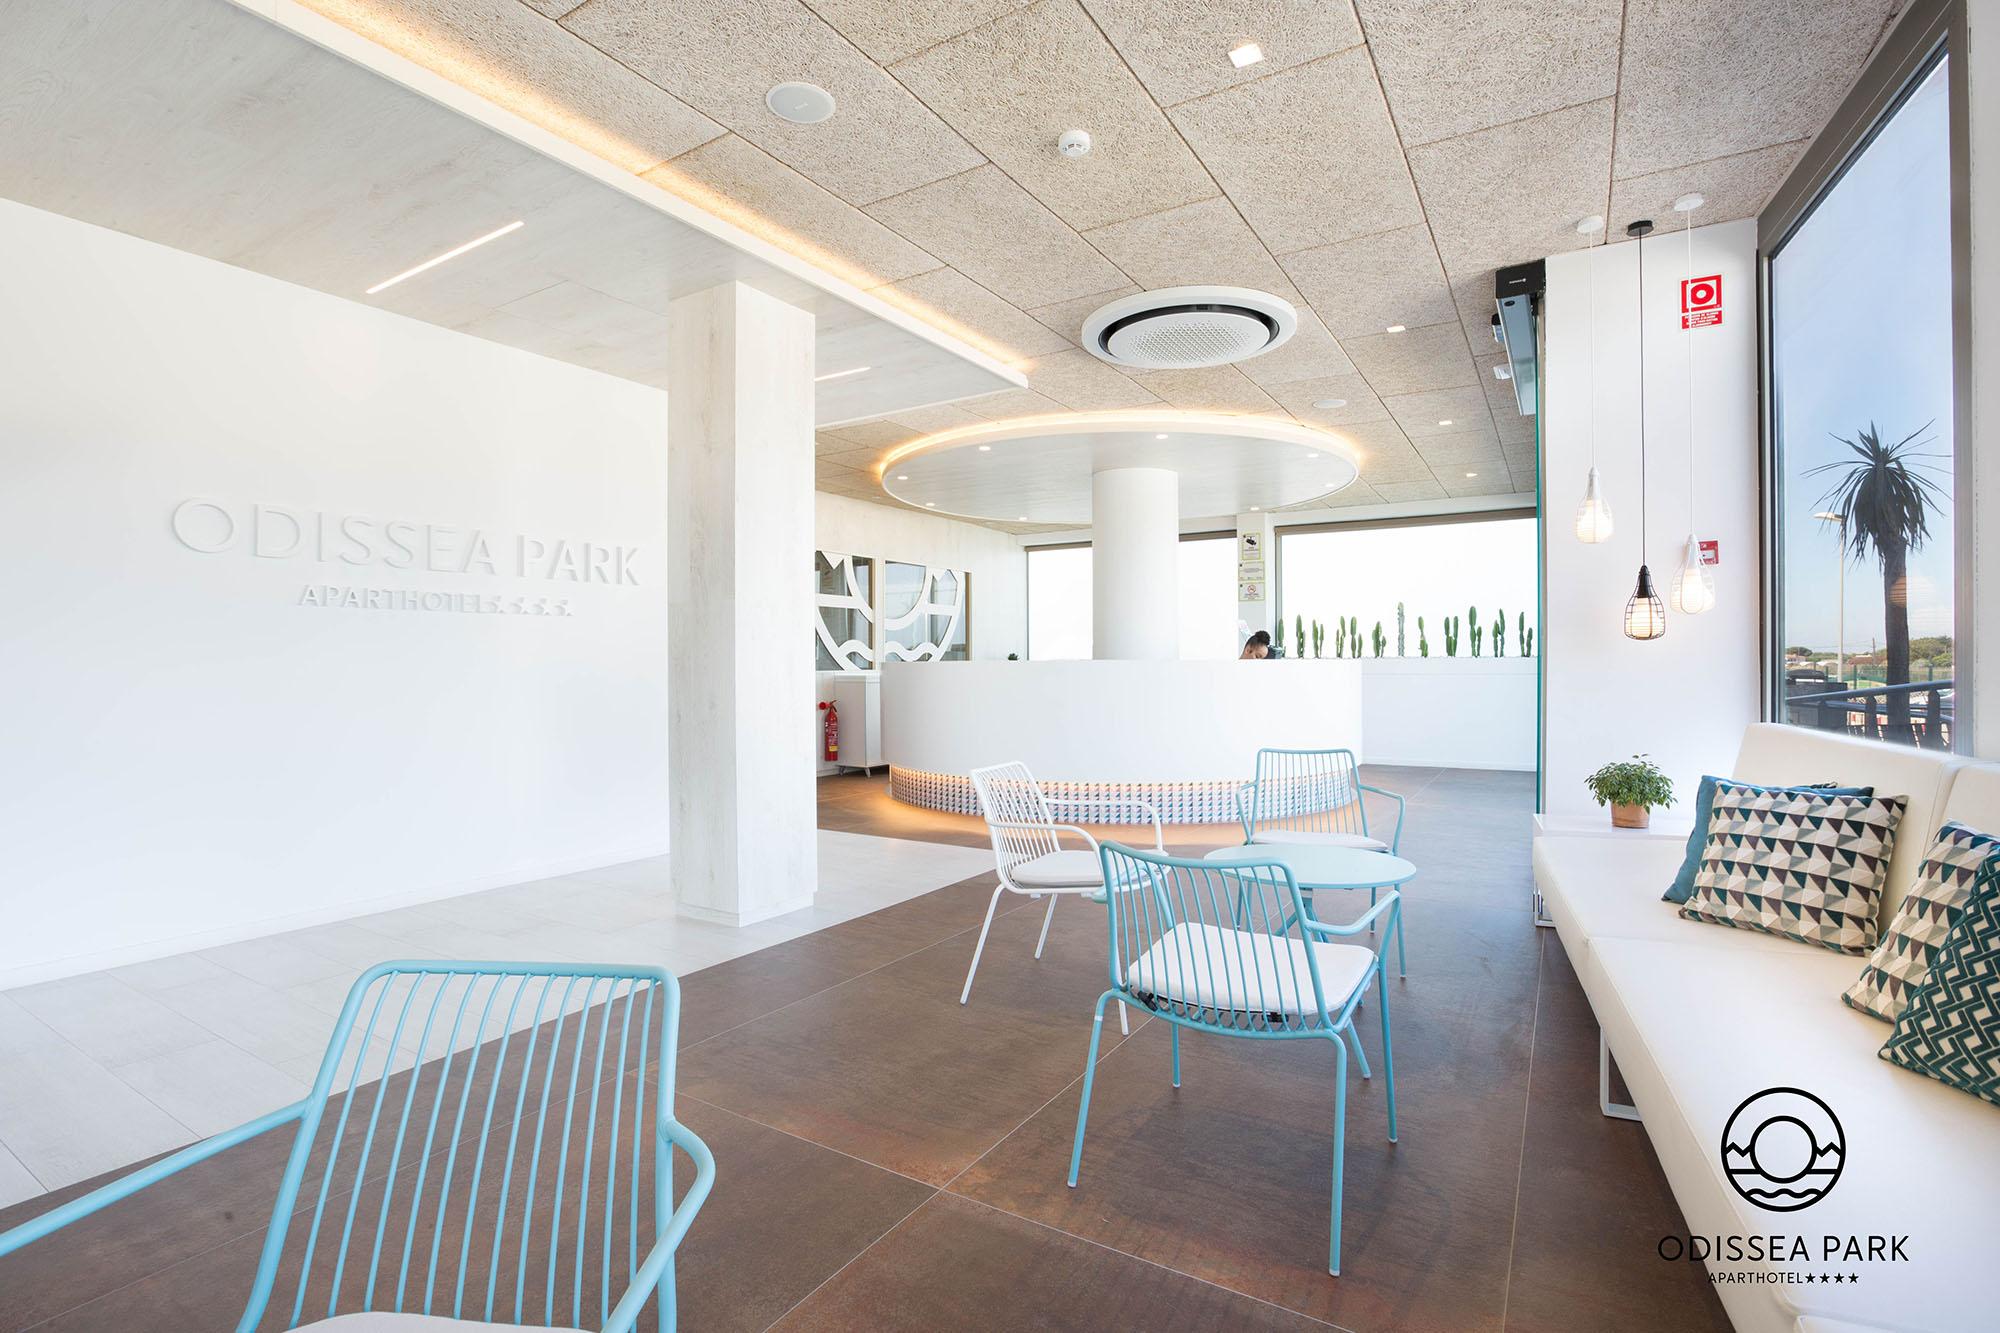 Mostrador Recepción Hotel Odissea Park por Rosa Colet Interior Design